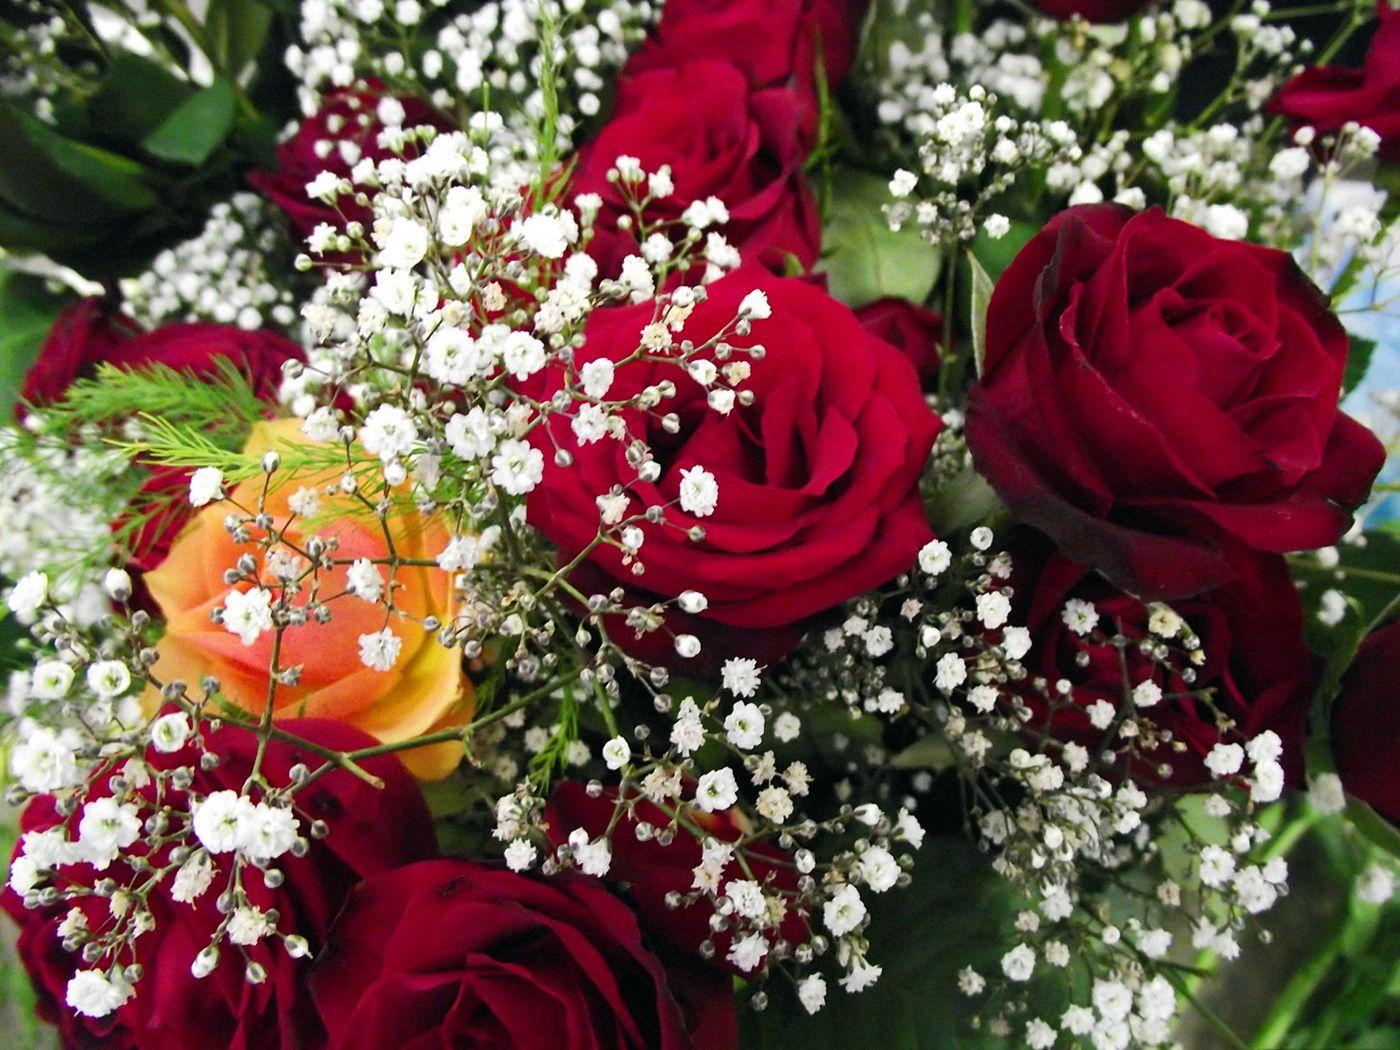 79484 скачать обои Цветы, Букет, Гипсофил, Крупный План, Розы - заставки и картинки бесплатно